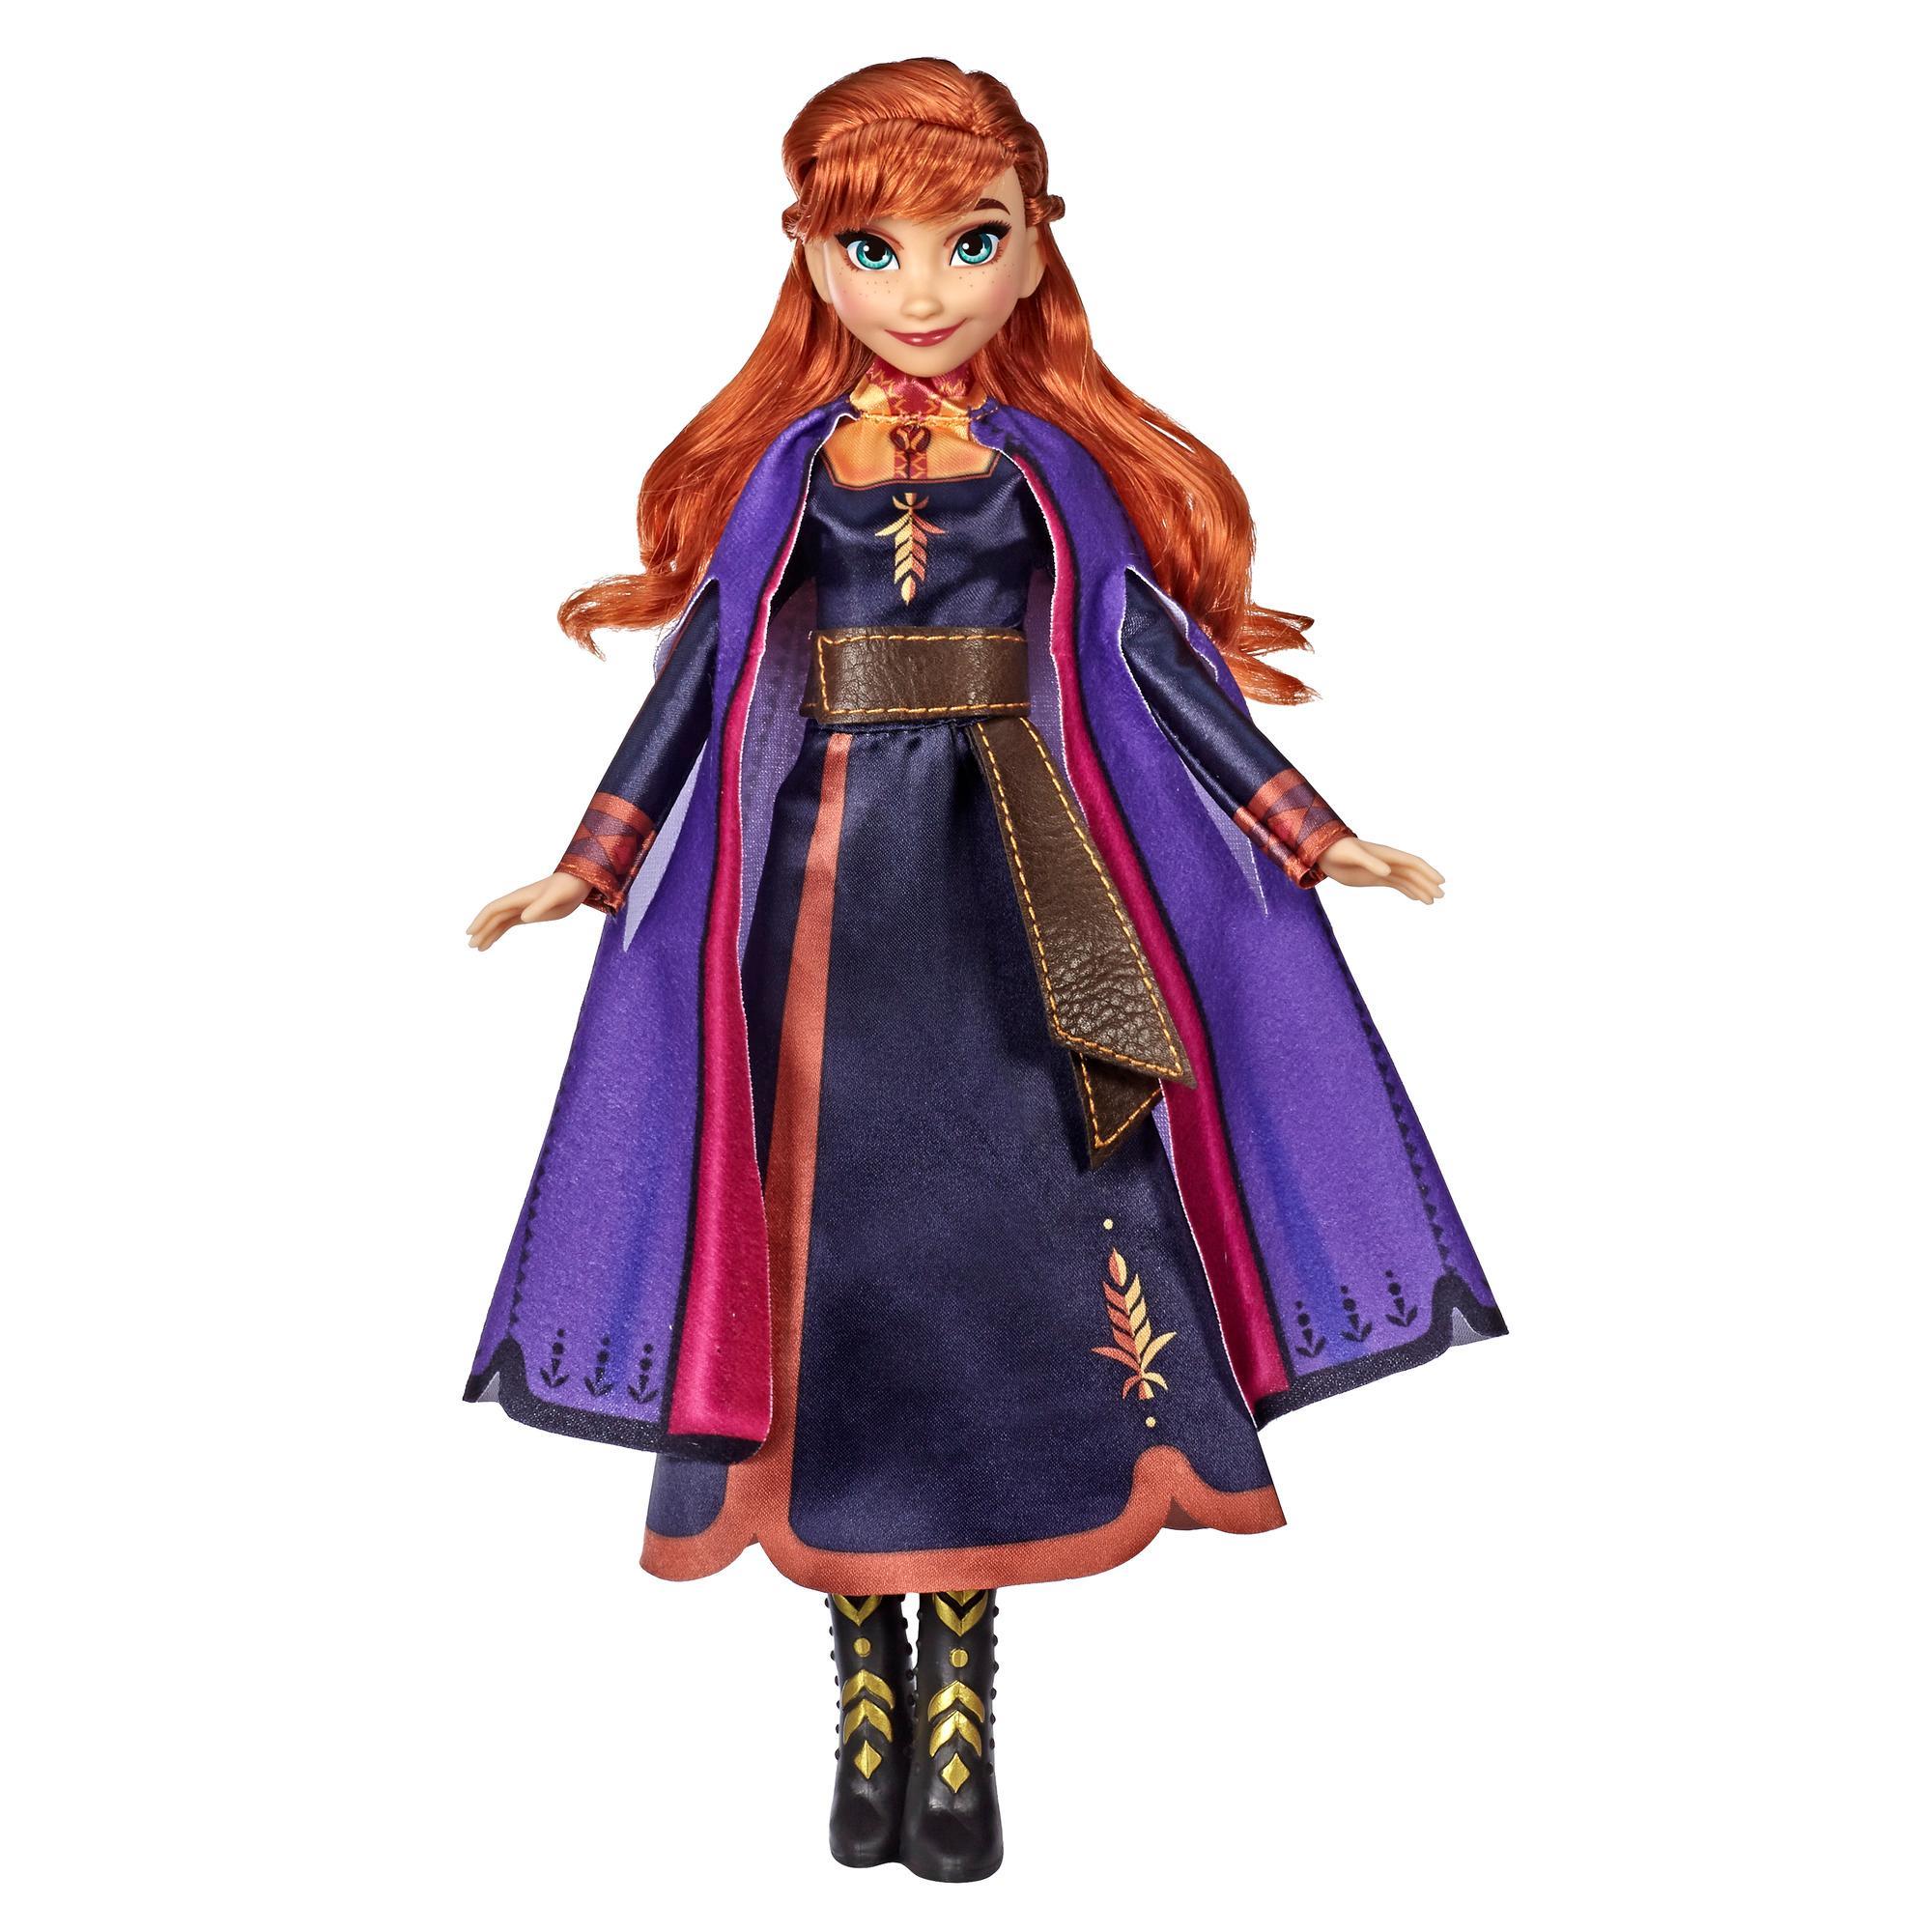 Disney Frozen - Anna cantante - Muñeca que canta; lleva un vestido púrpura inspirado en Frozen 2 de Disney